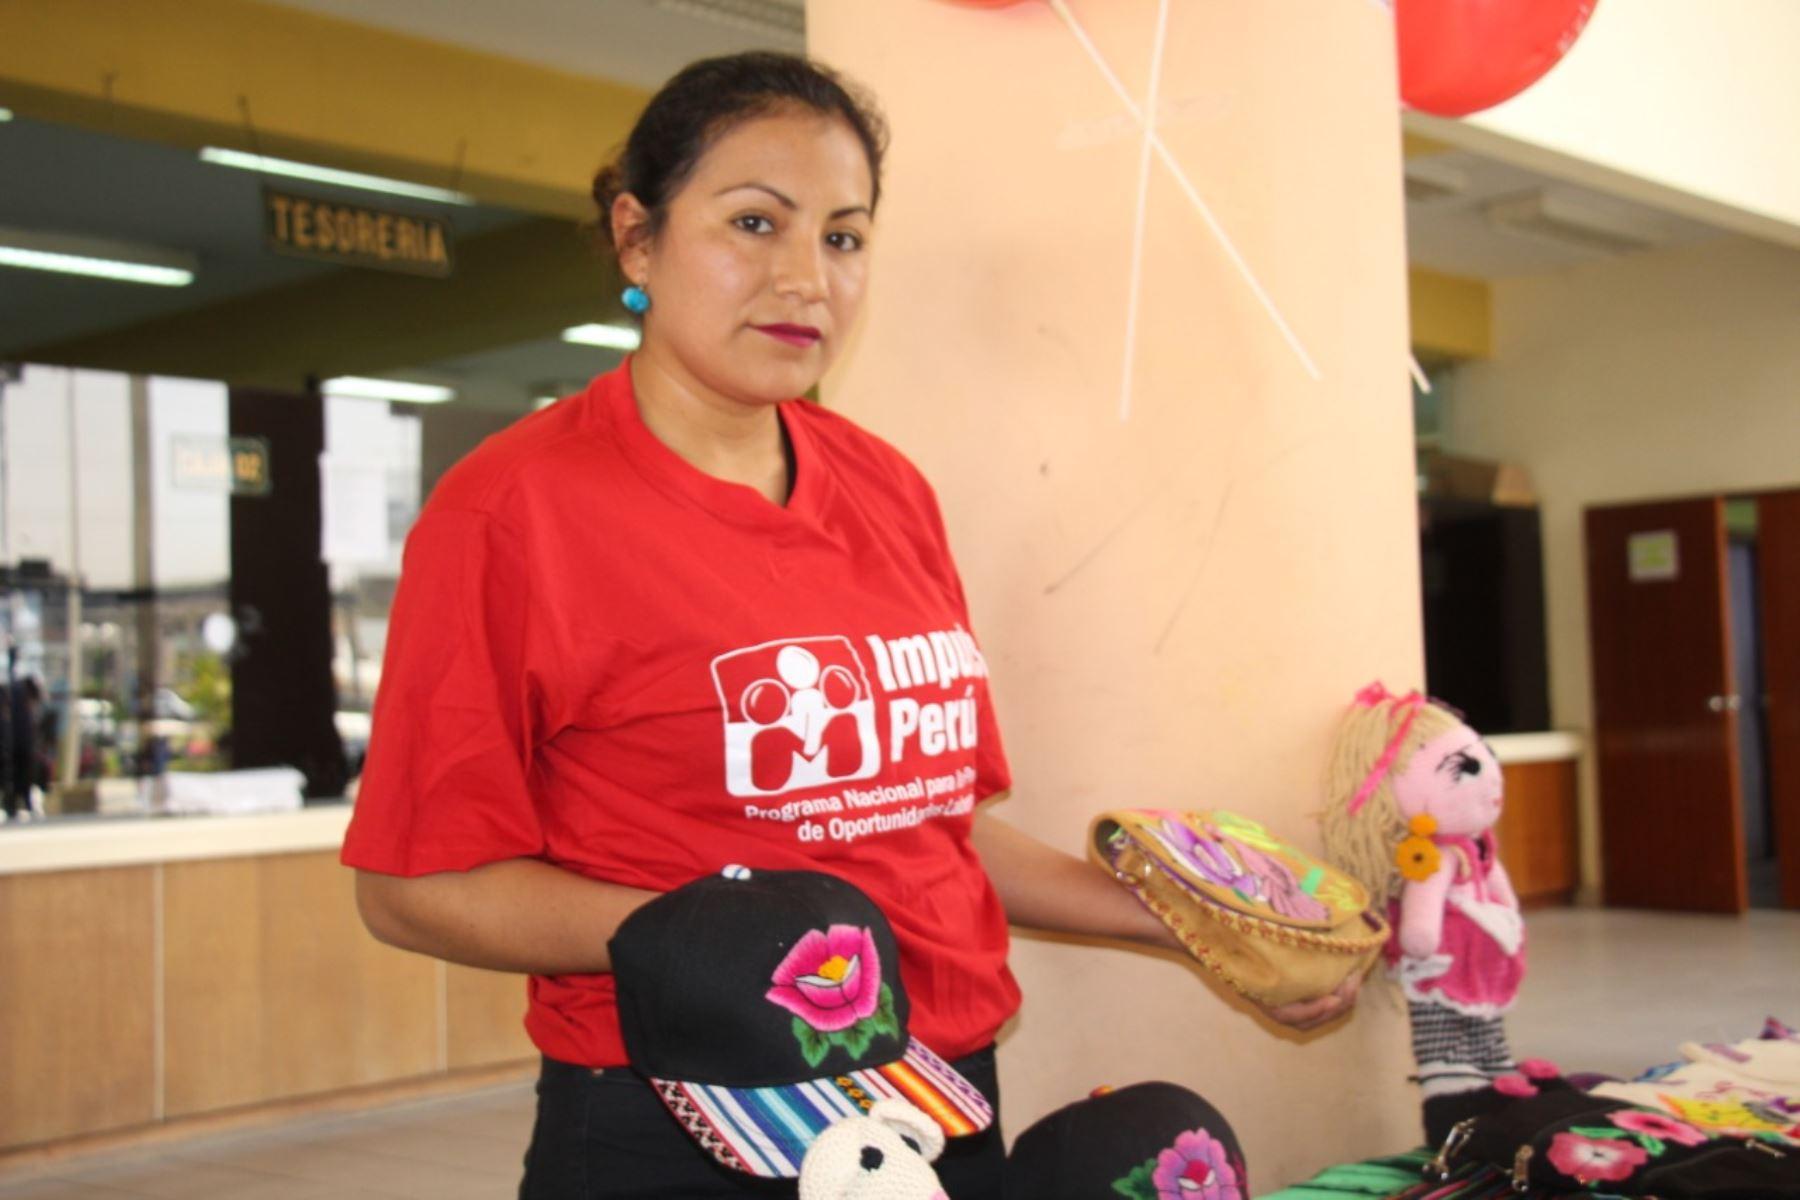 Mujeres mejoran su capacidad de trabajo gracias a programa Impulsa Perú. Foto: MTPE